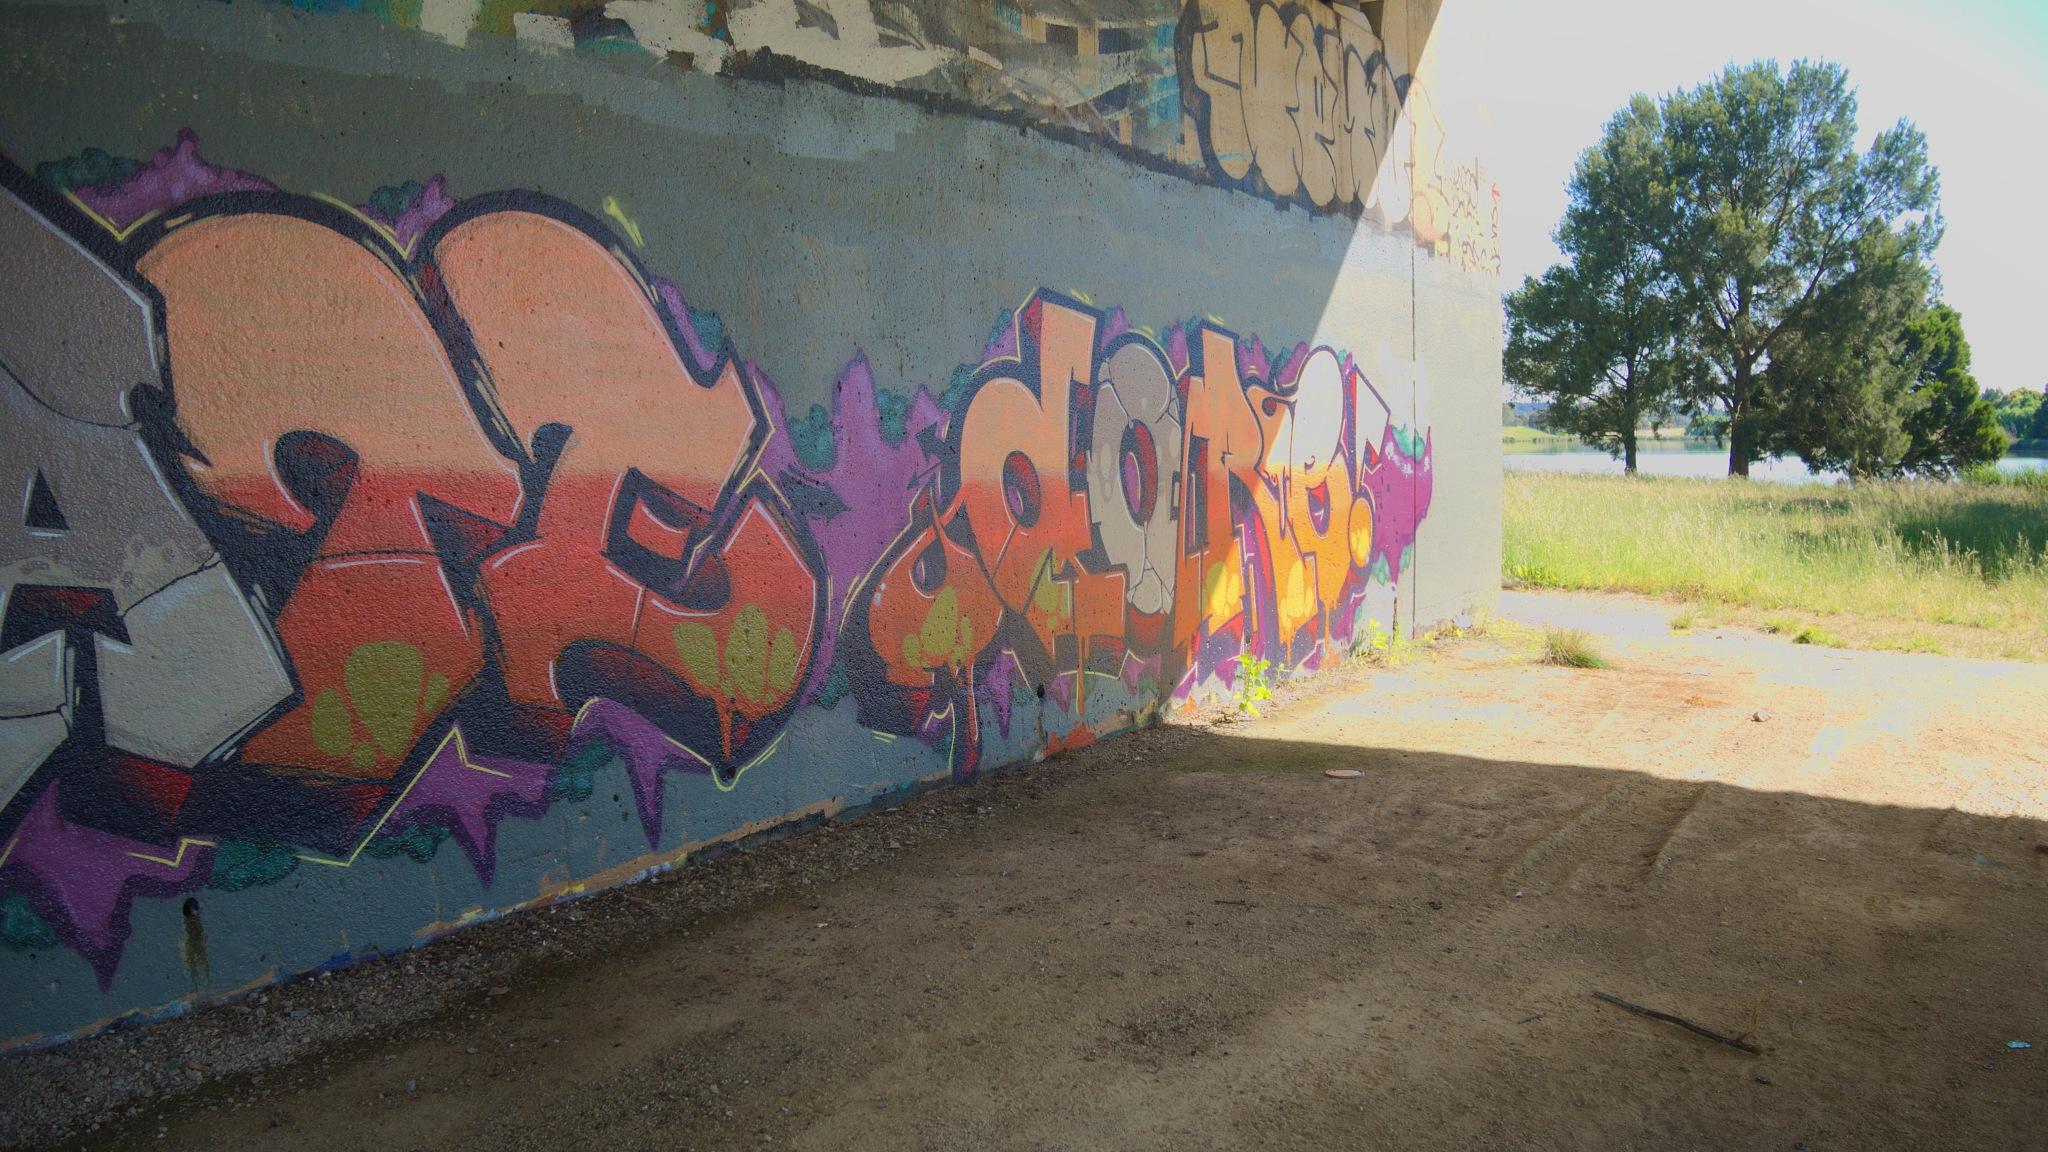 Bridge graffiti by TonyG